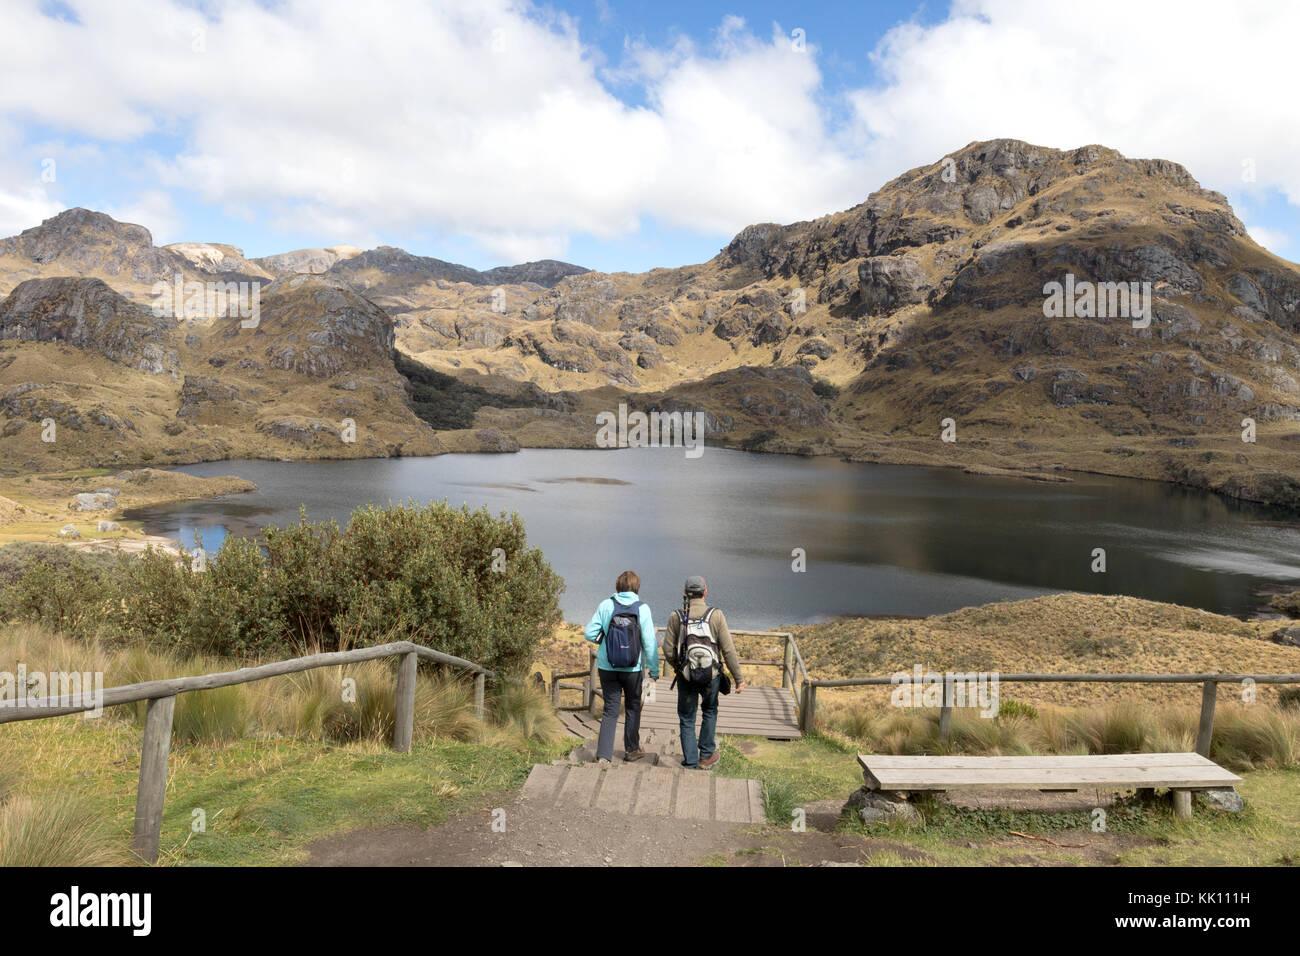 Ecuador reisen - ein paar wenige in El Cajas Nationalpark, südliches Ecuador, Südamerika Stockbild